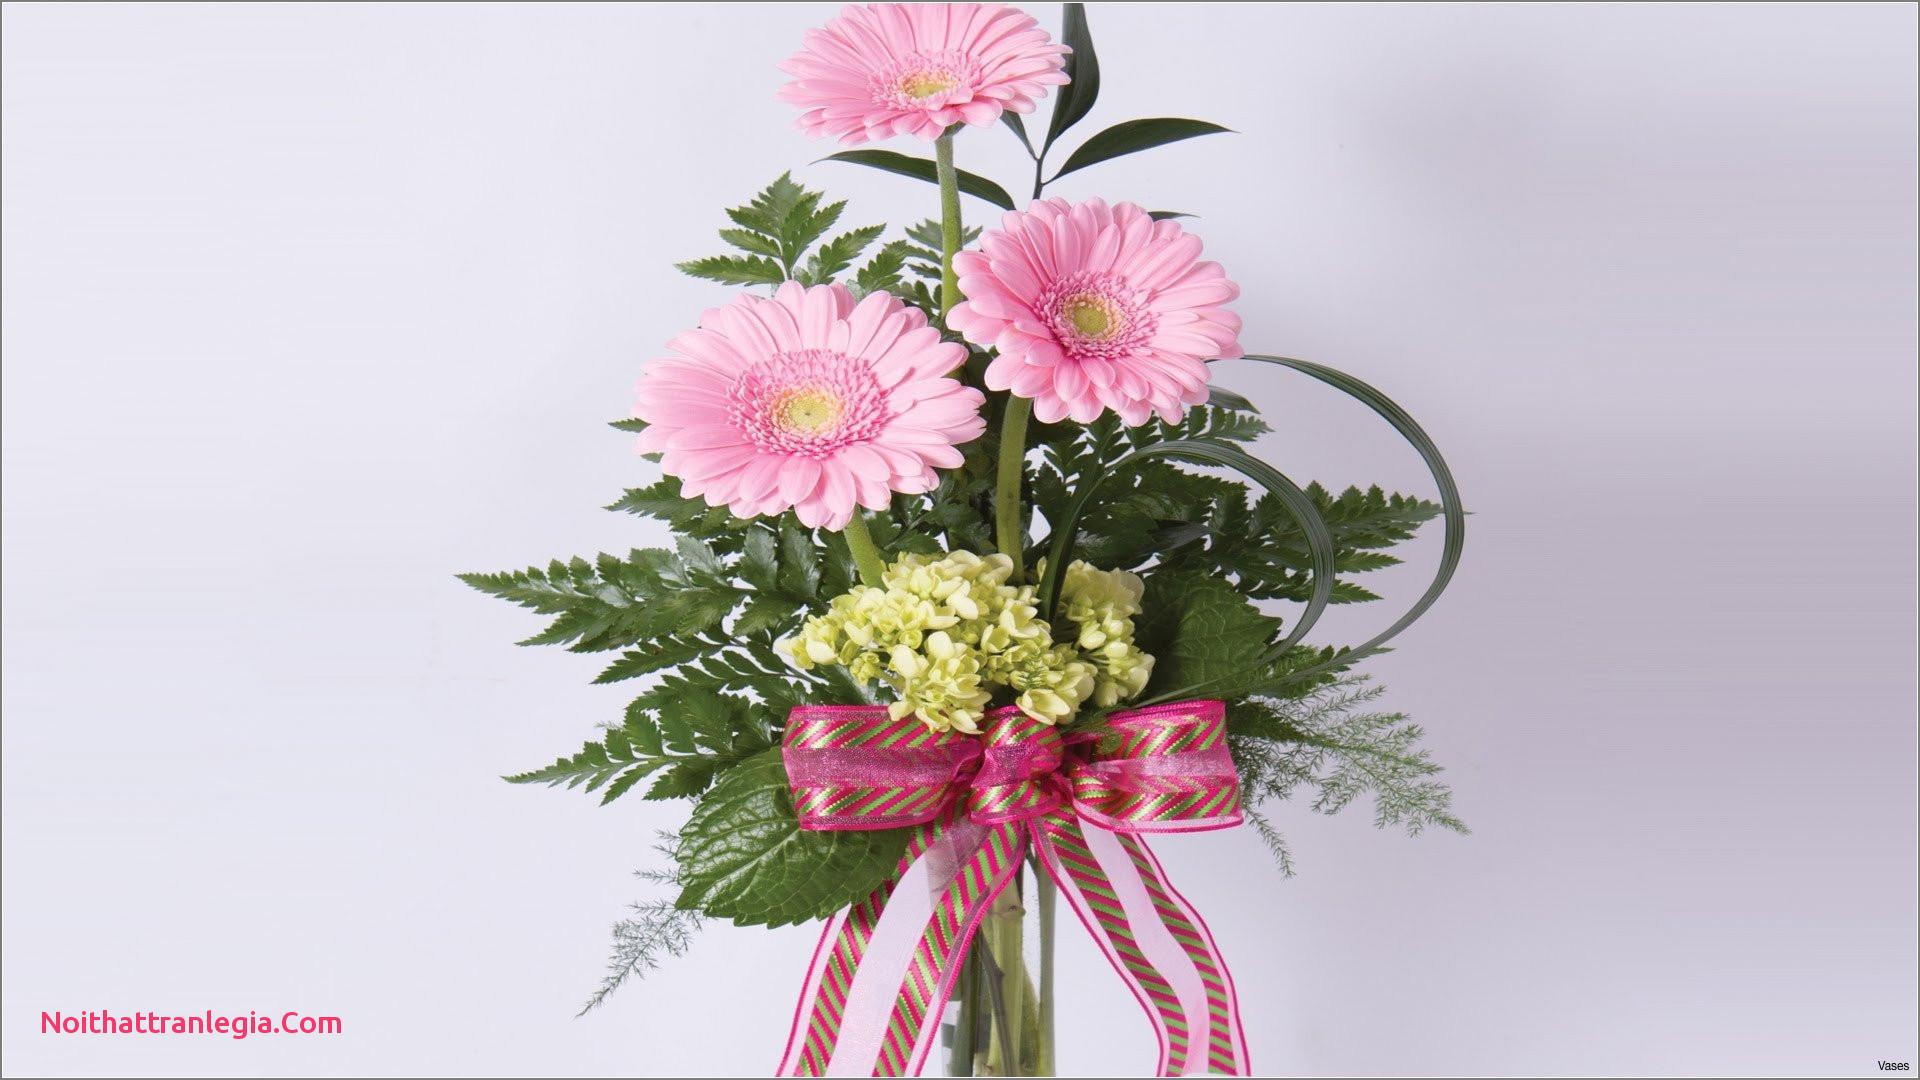 small flower vase online of 20 wedding vases noithattranlegia vases design regarding small bud vase wedding flowers wonderful h vases bud vase flower arrangements i 0d